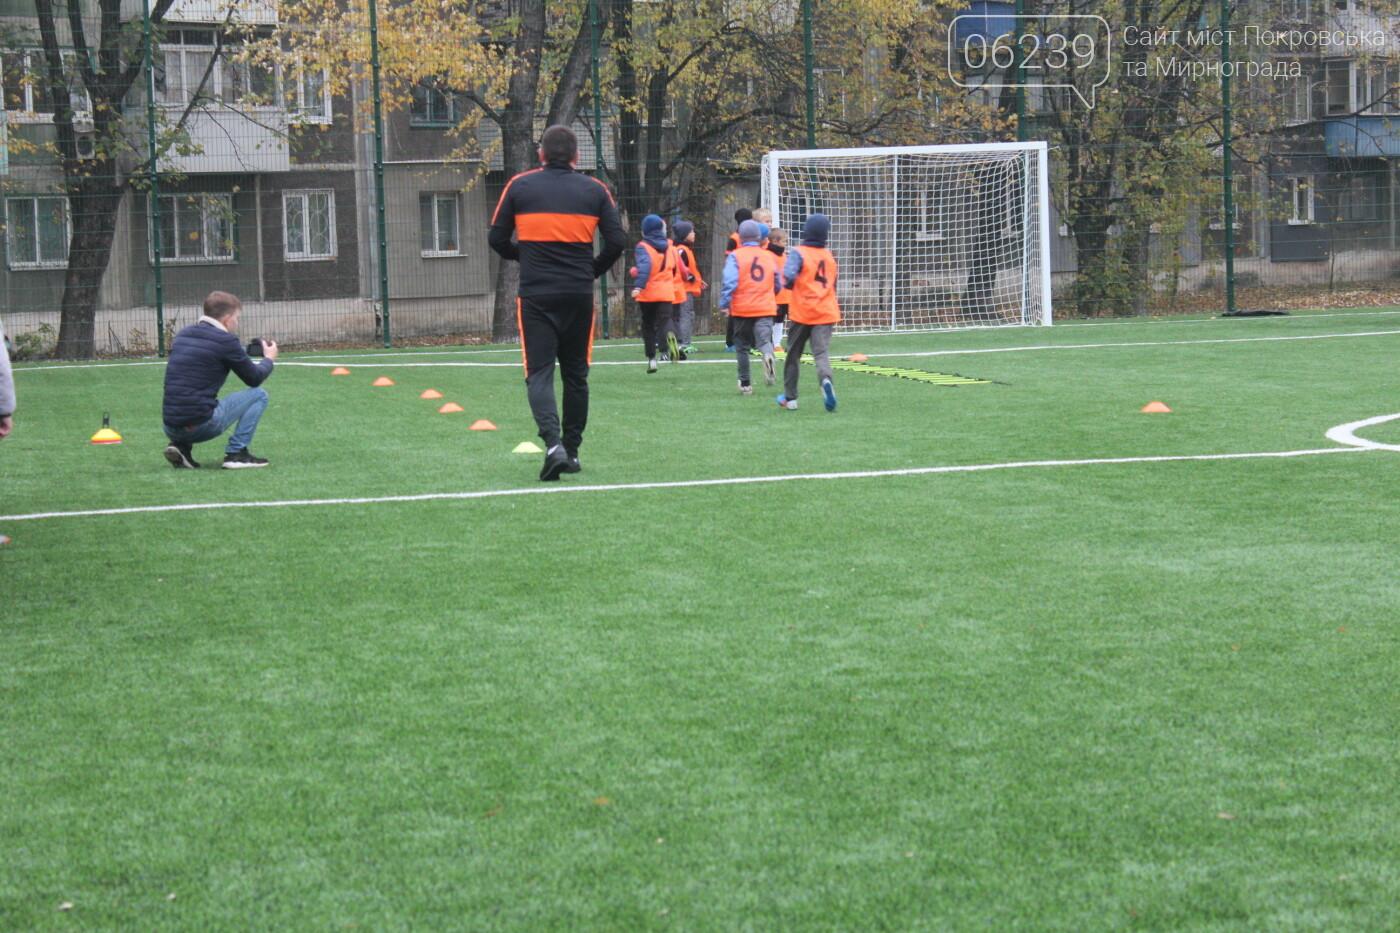 В Мирнограде открыли еще одно футбольное поле с искусственным покрытием, фото-10